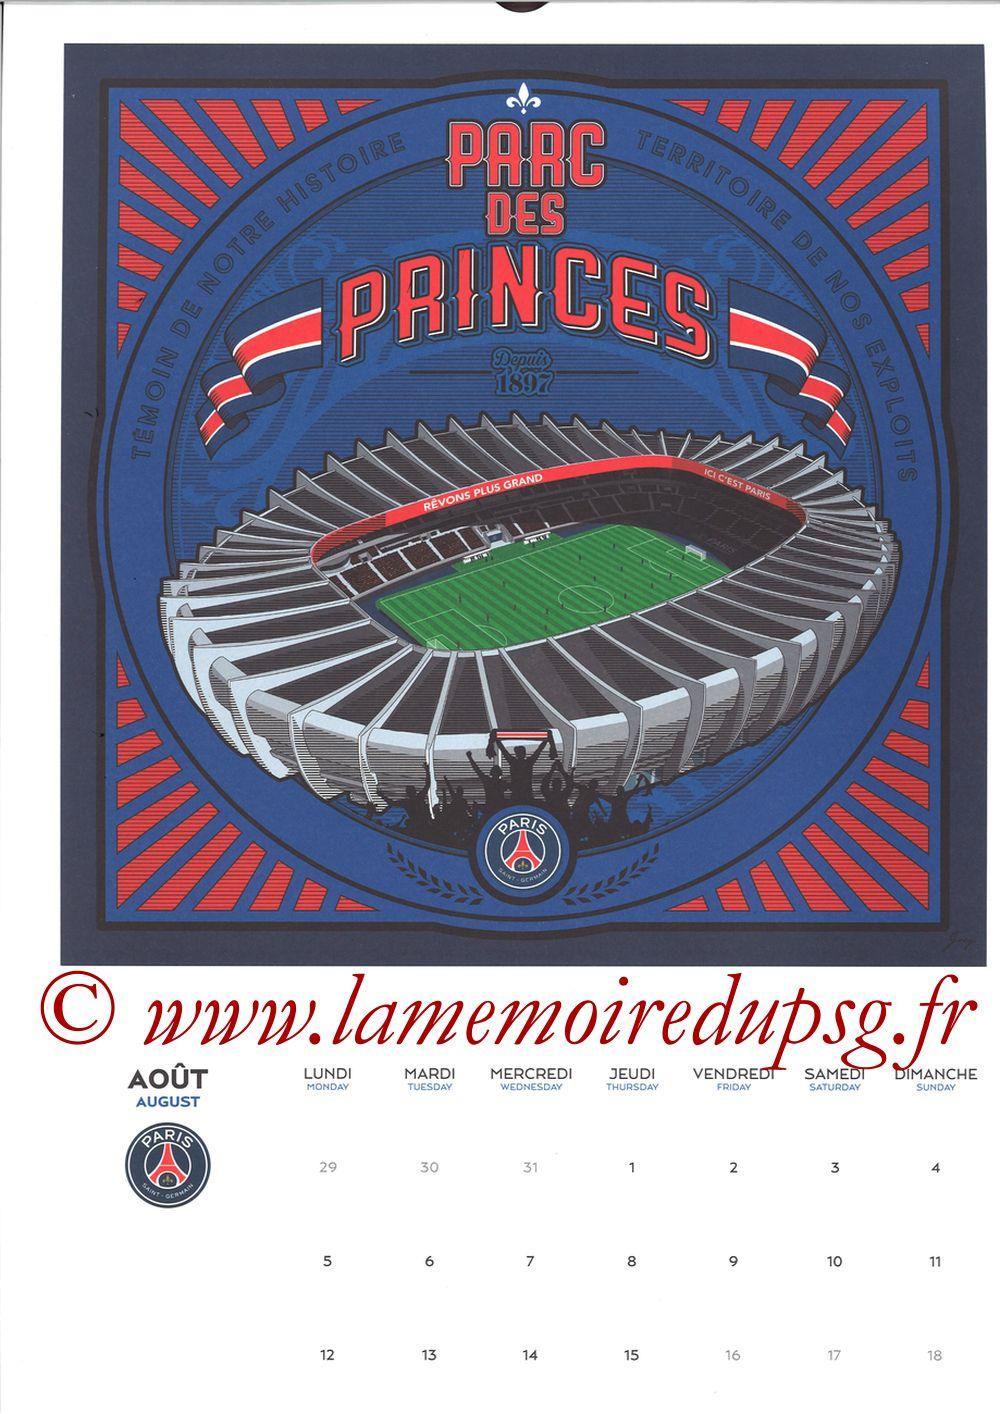 Calendrier PSG 2019 - Page 15 - PARC DES PRINCES